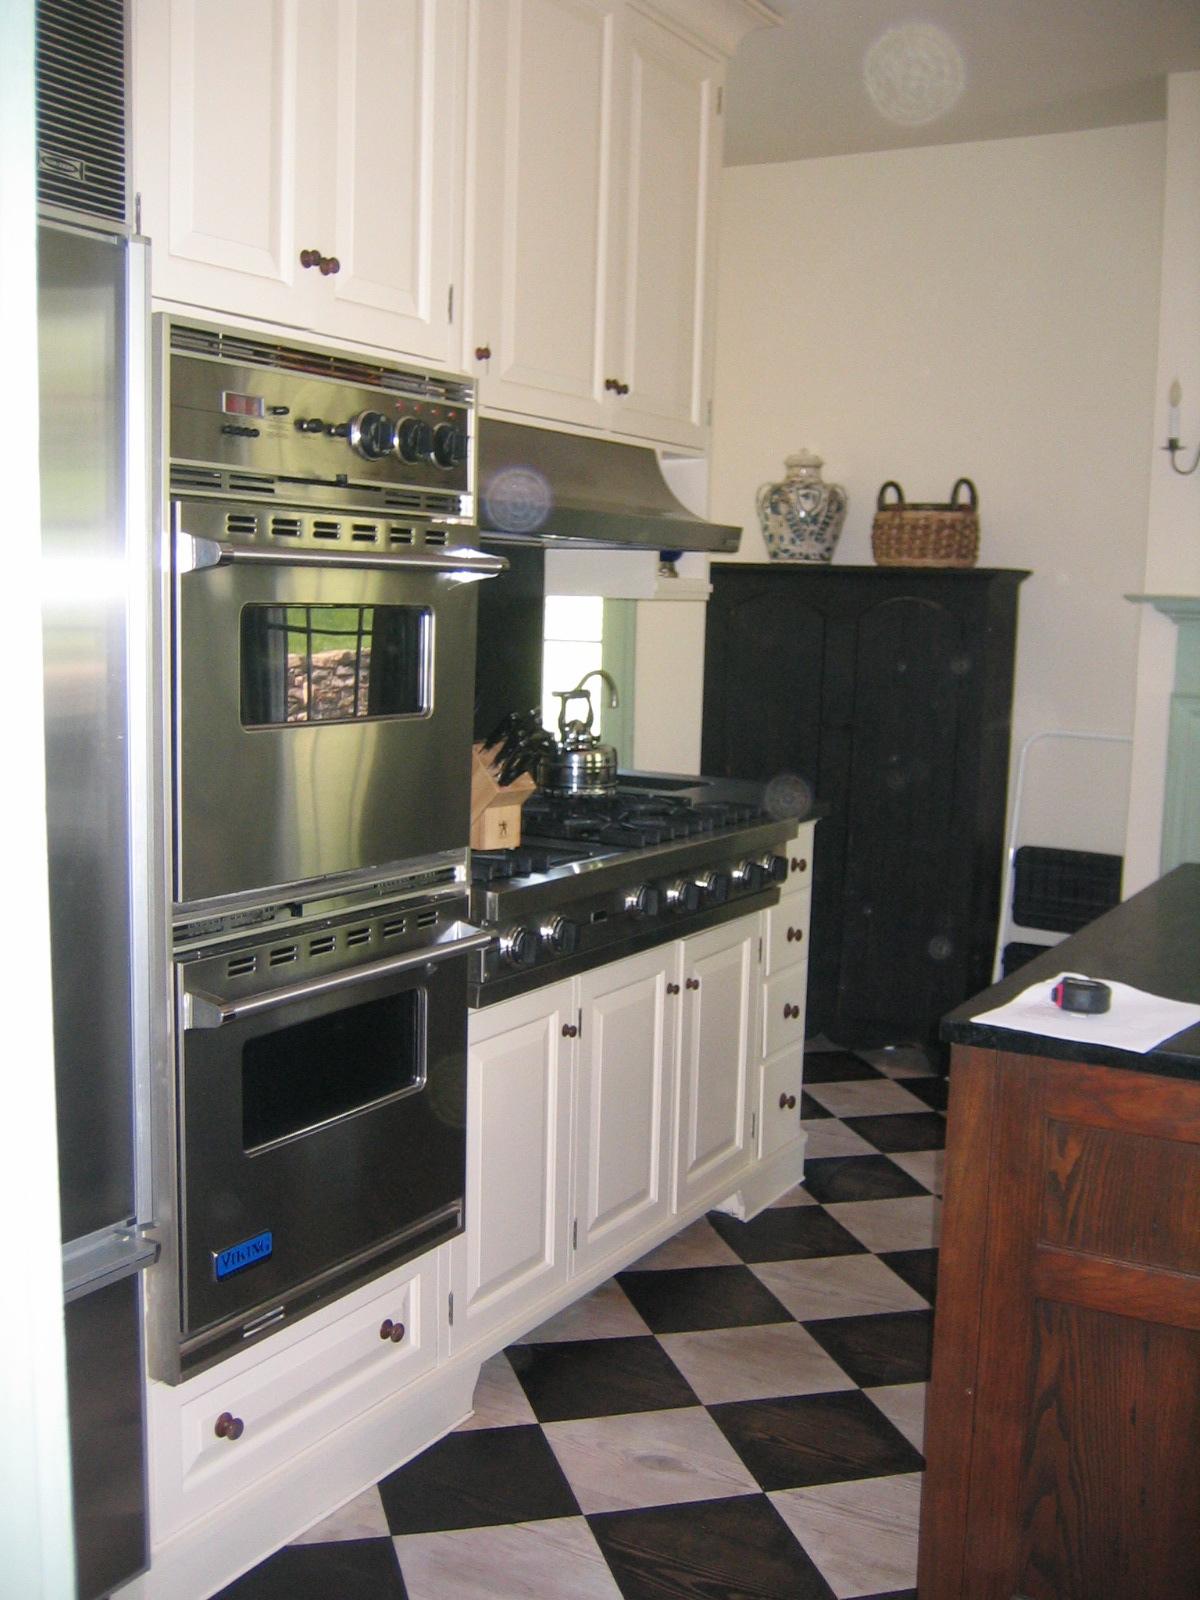 16 Kitchen Stove Before.JPG